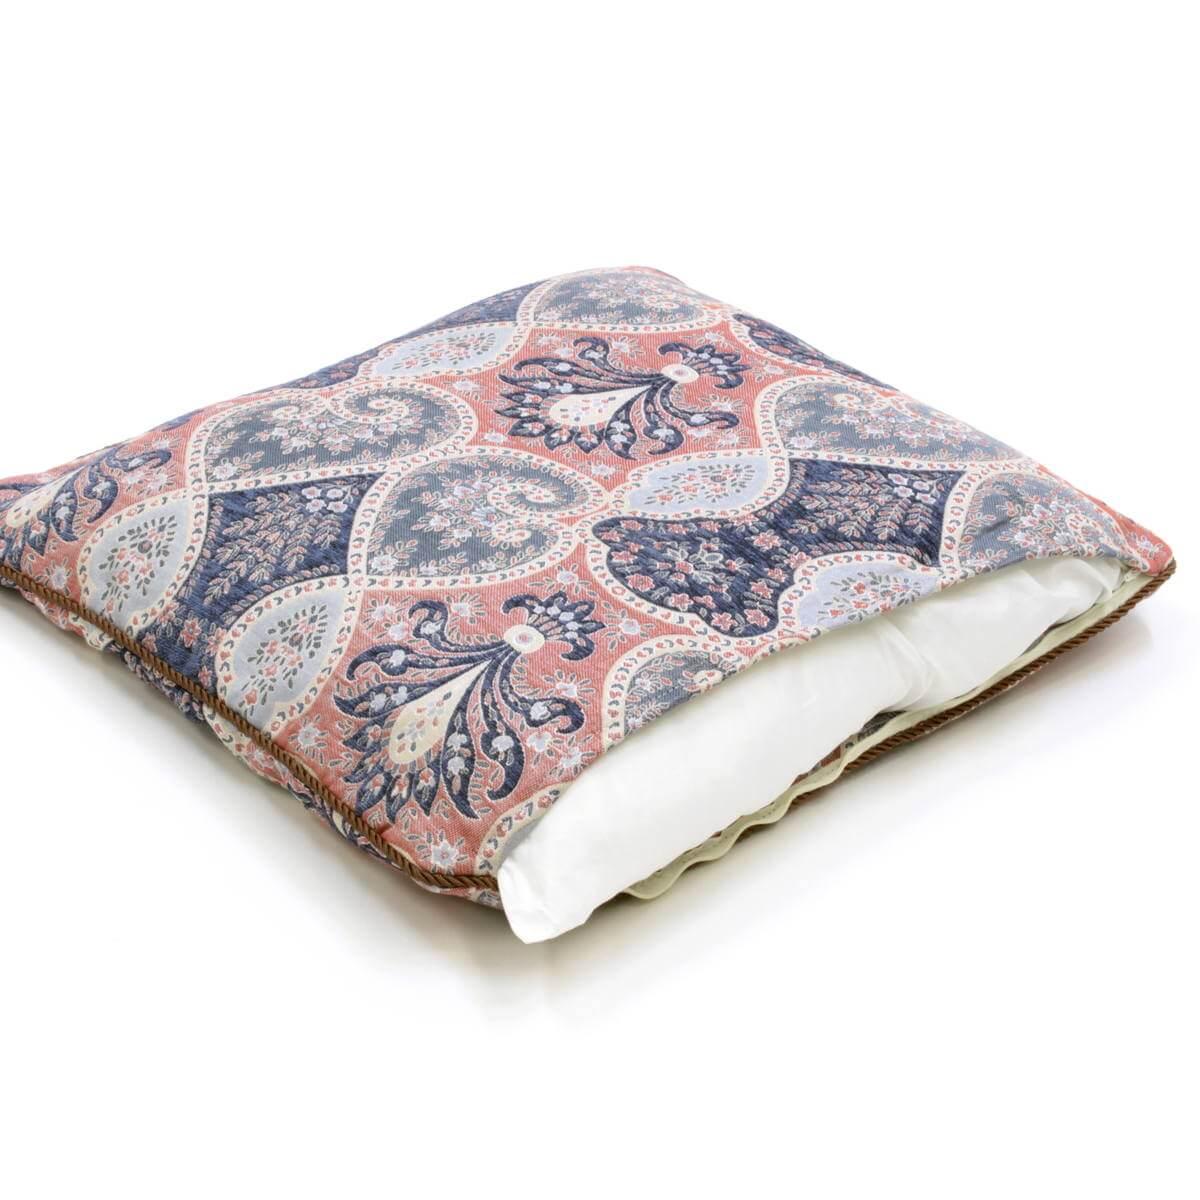 シリーズの座布団カバーは広幅ファスナー付で中材の出し入れが楽です。